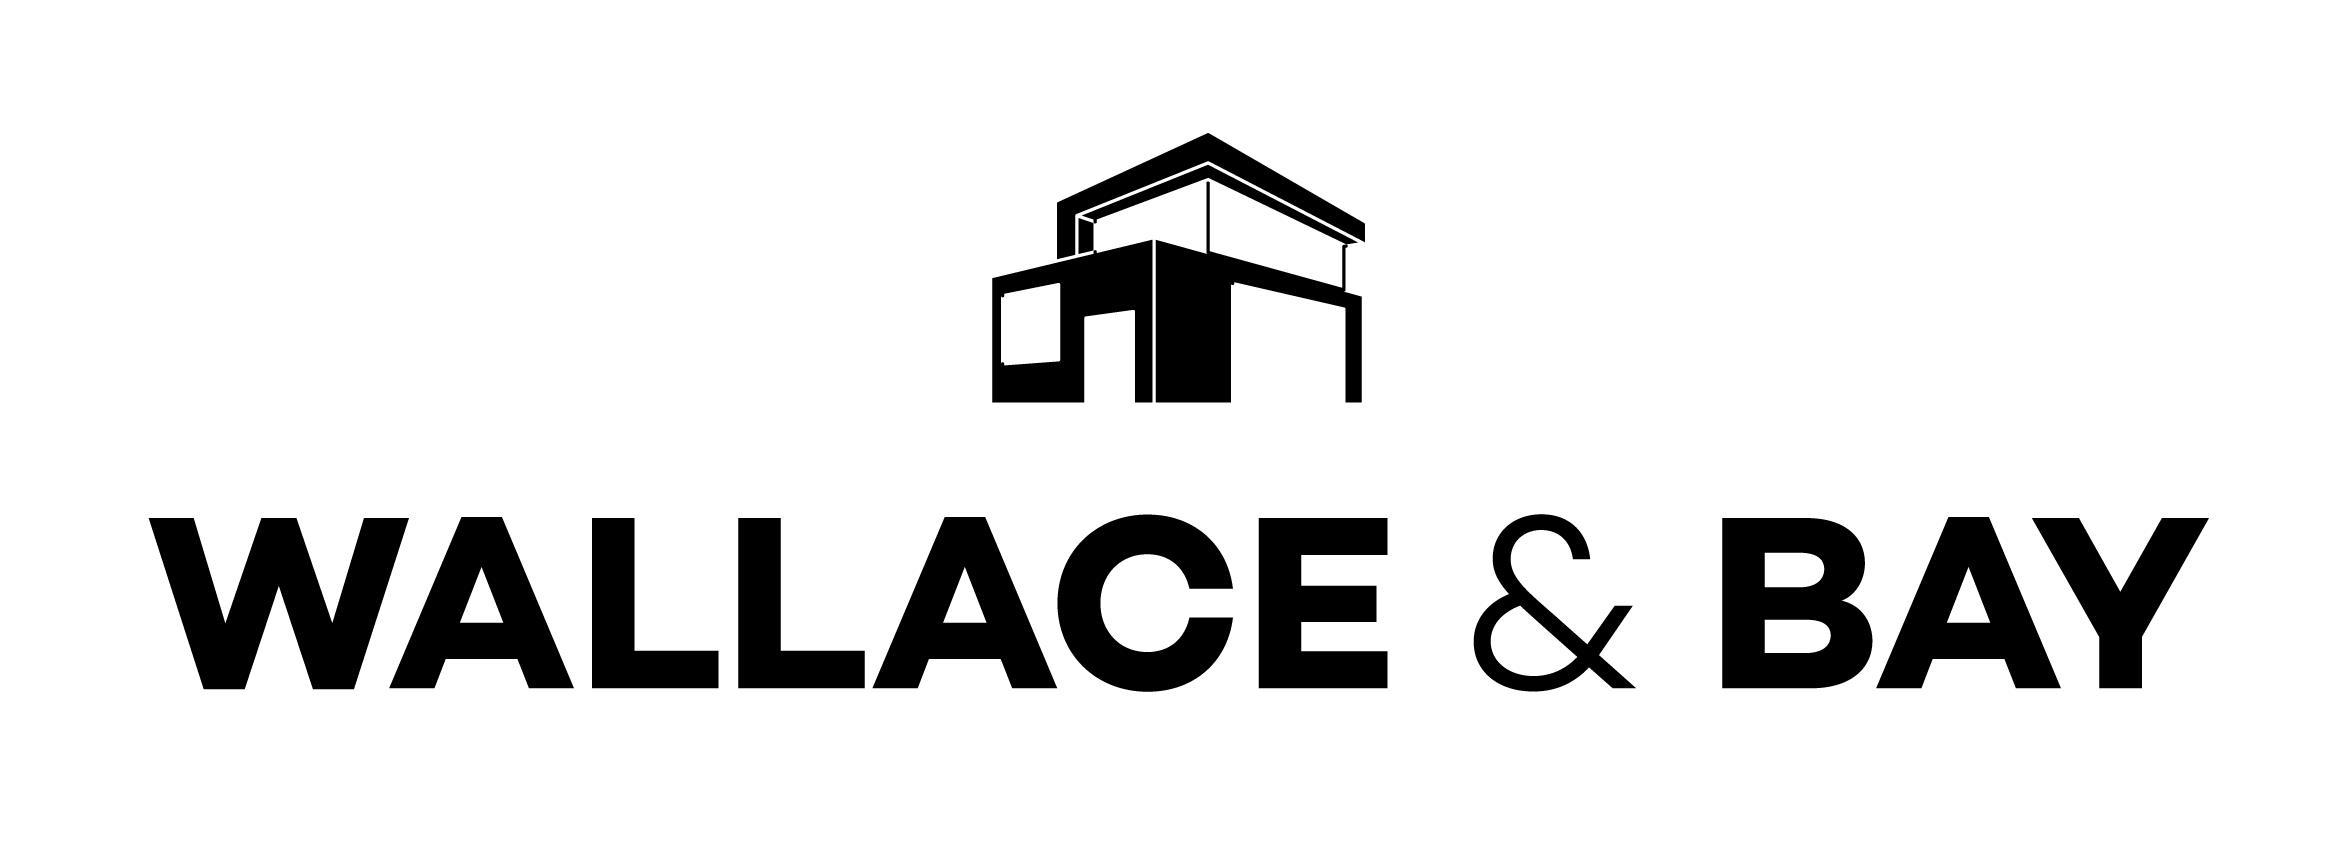 Wallace & Bay